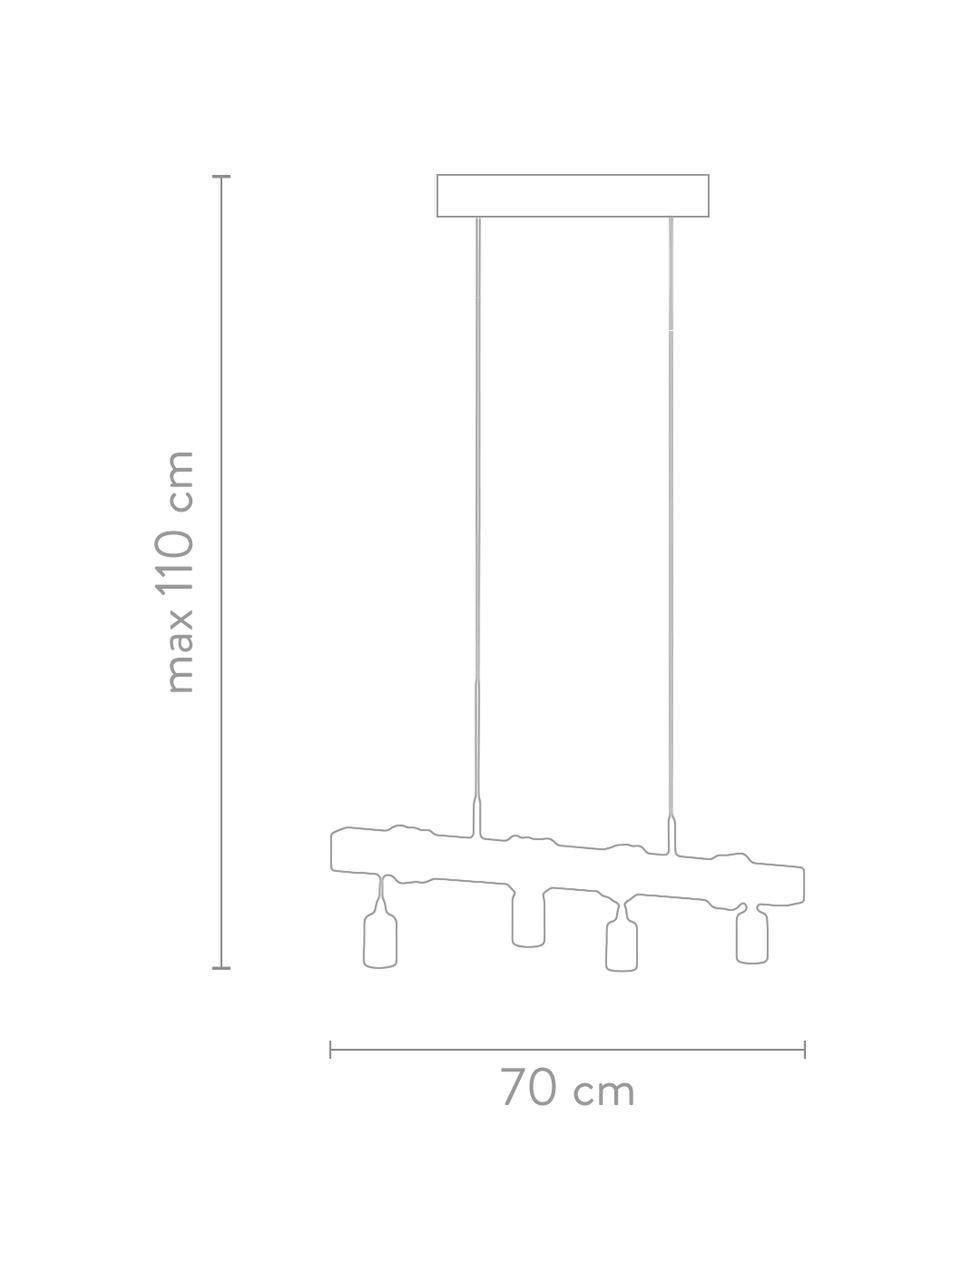 Lampa wisząca z drewna Townshend, Czarny, drewno naturalne, S 70 x W 25 cm